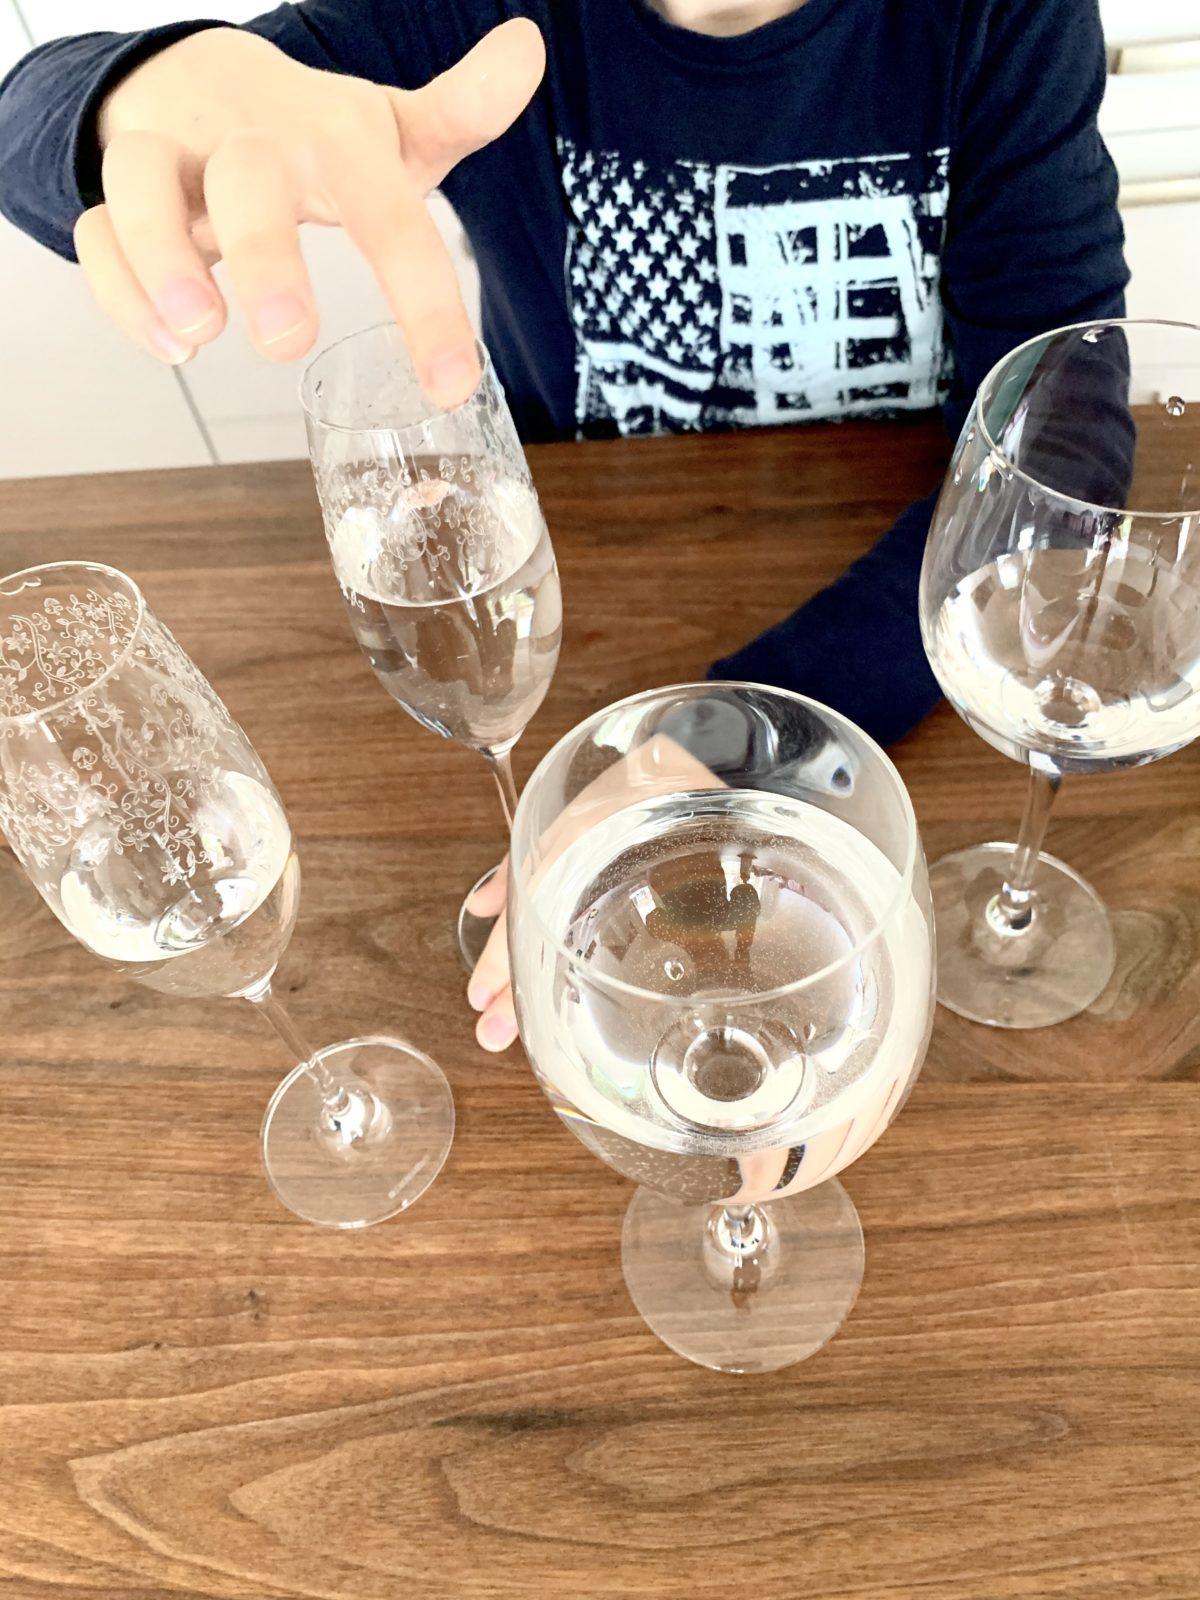 Mit Wasser gefüllte Weingläser und Sektgläser stehen auf einem Holztisch. Eines wird mit dem Finger am Glasrand umkreist, um einen Ton zu erzeugen.